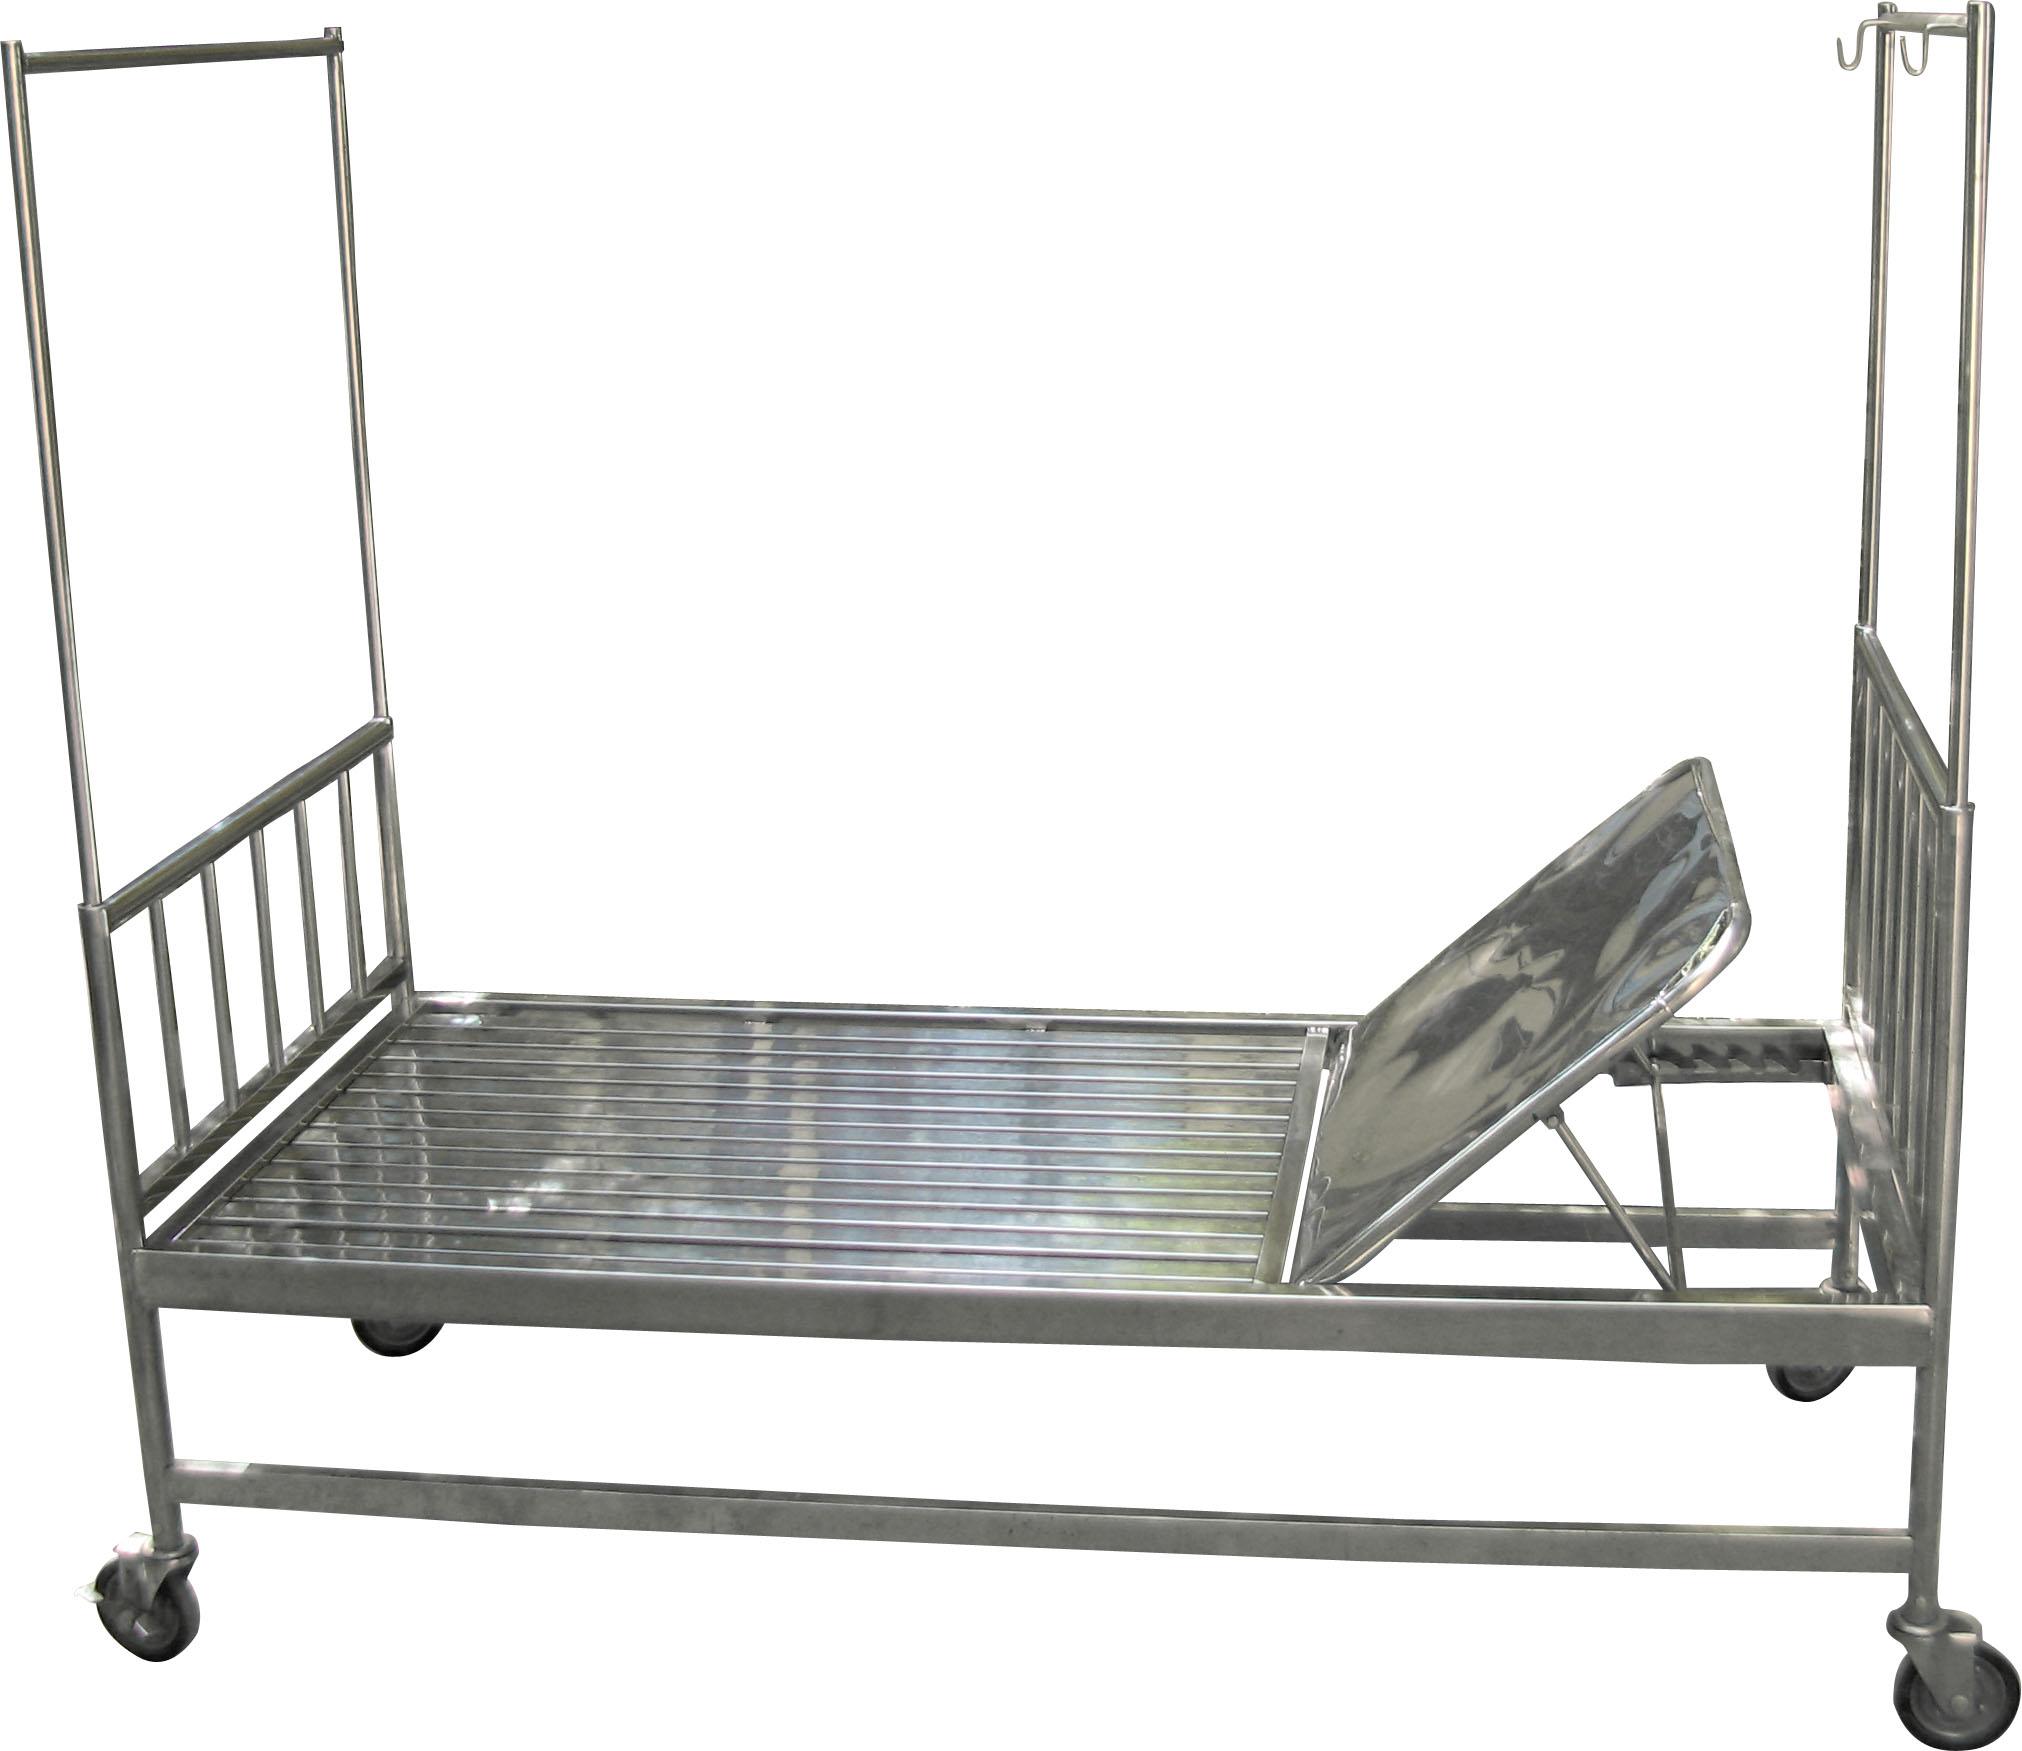 Thiết bị y tế - Inox y tế Giường bệnh nhân có bánh xe GBX 01